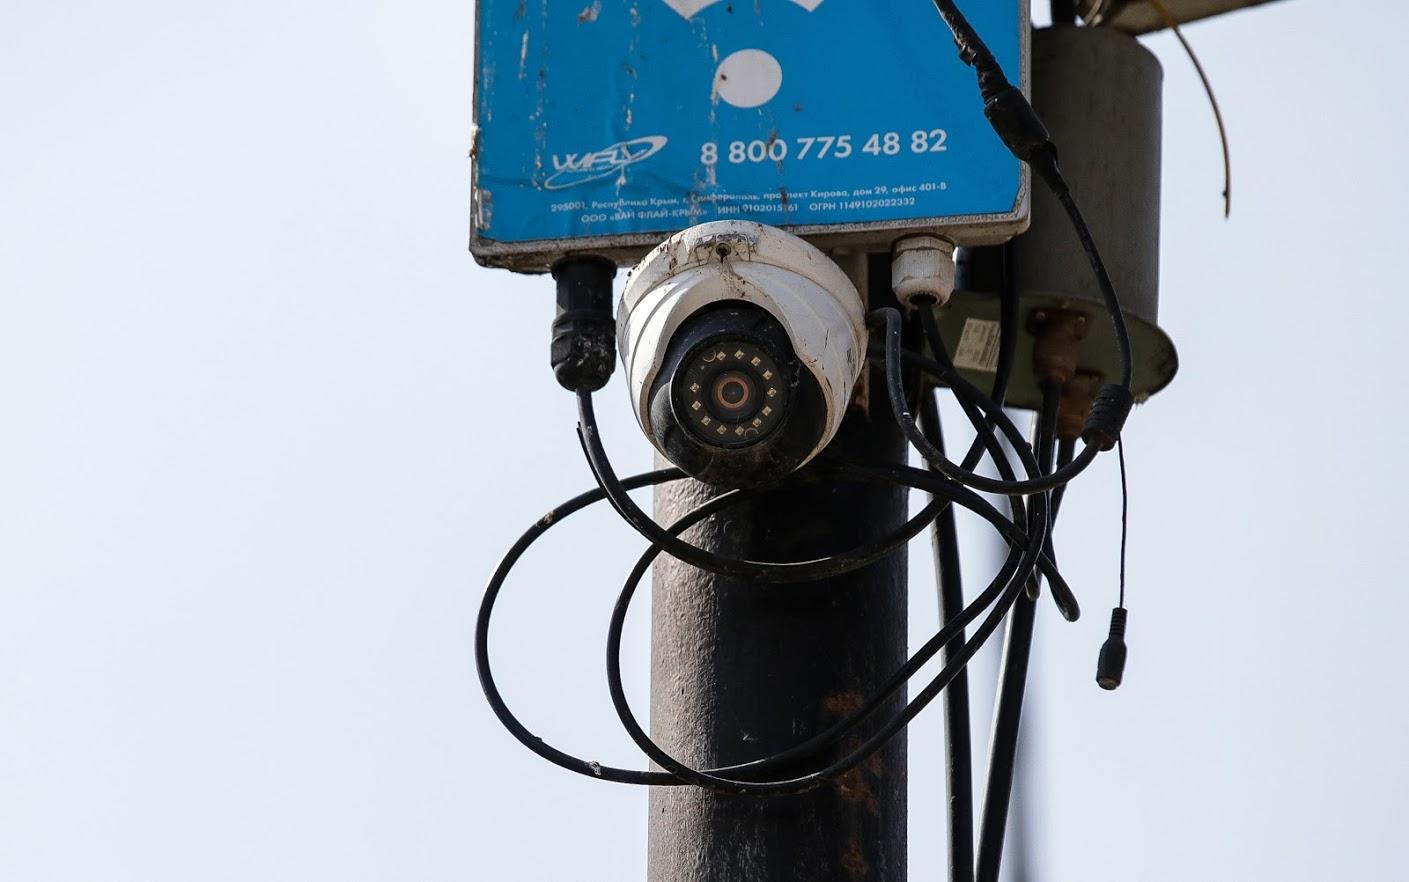 Воду необходимо кипятить: Как обеспечили качество, безопасность, график работы ёмкостей с водой в Симферополе